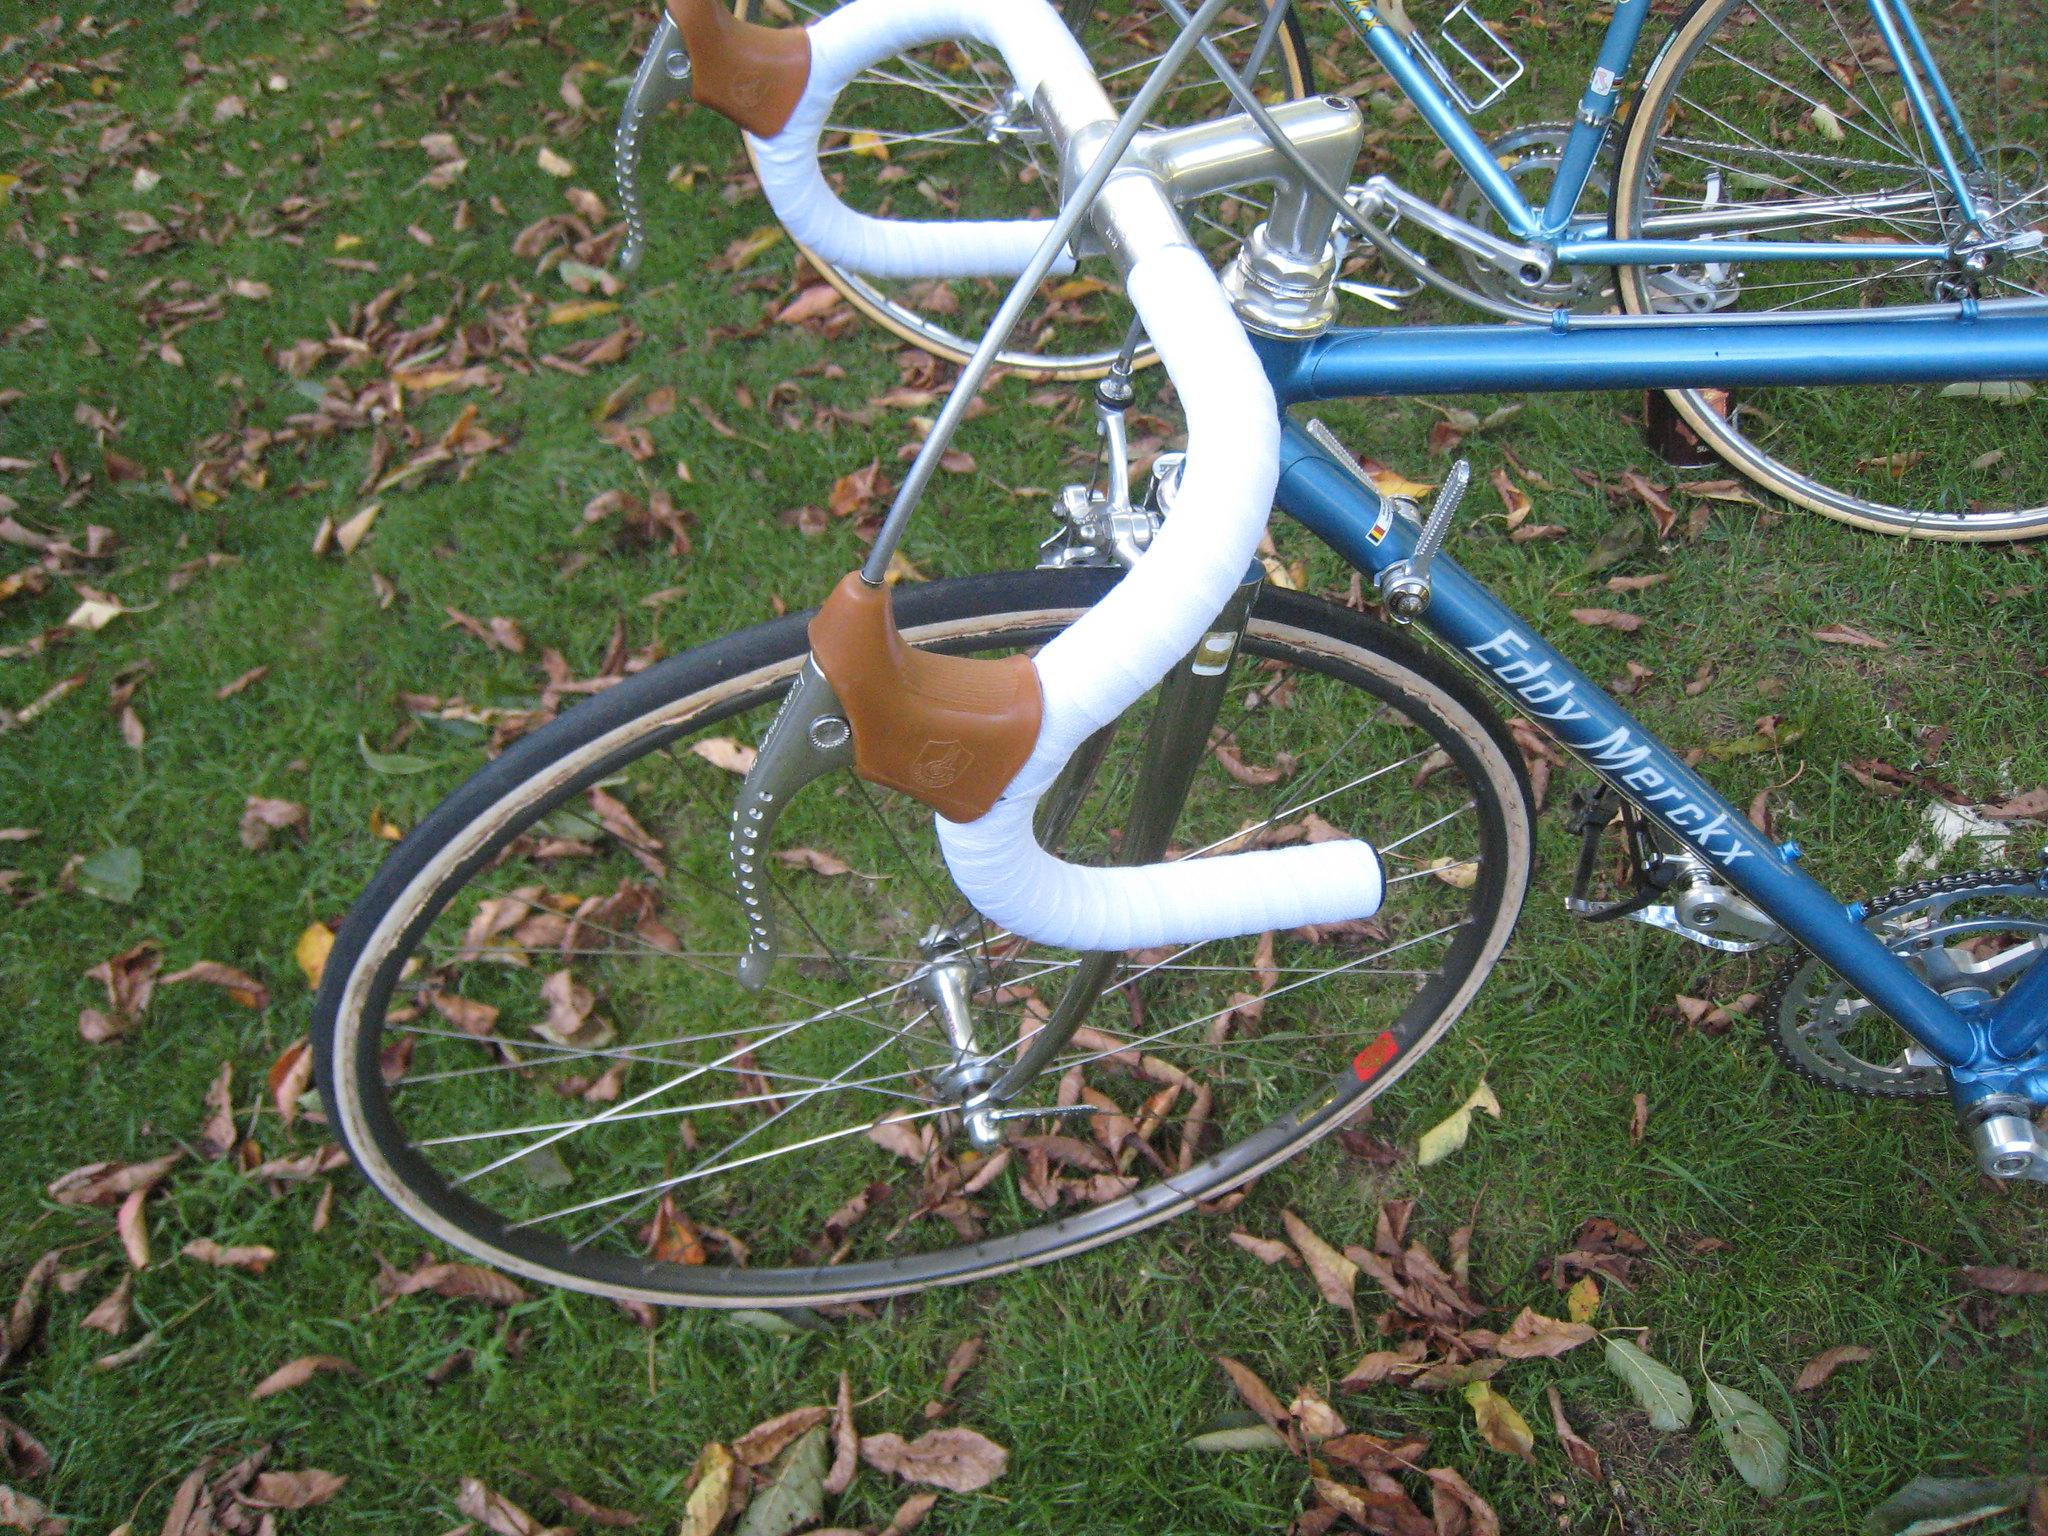 Eddy Merckx 1980 Bis 43996760035_6cbd2fdb9d_k